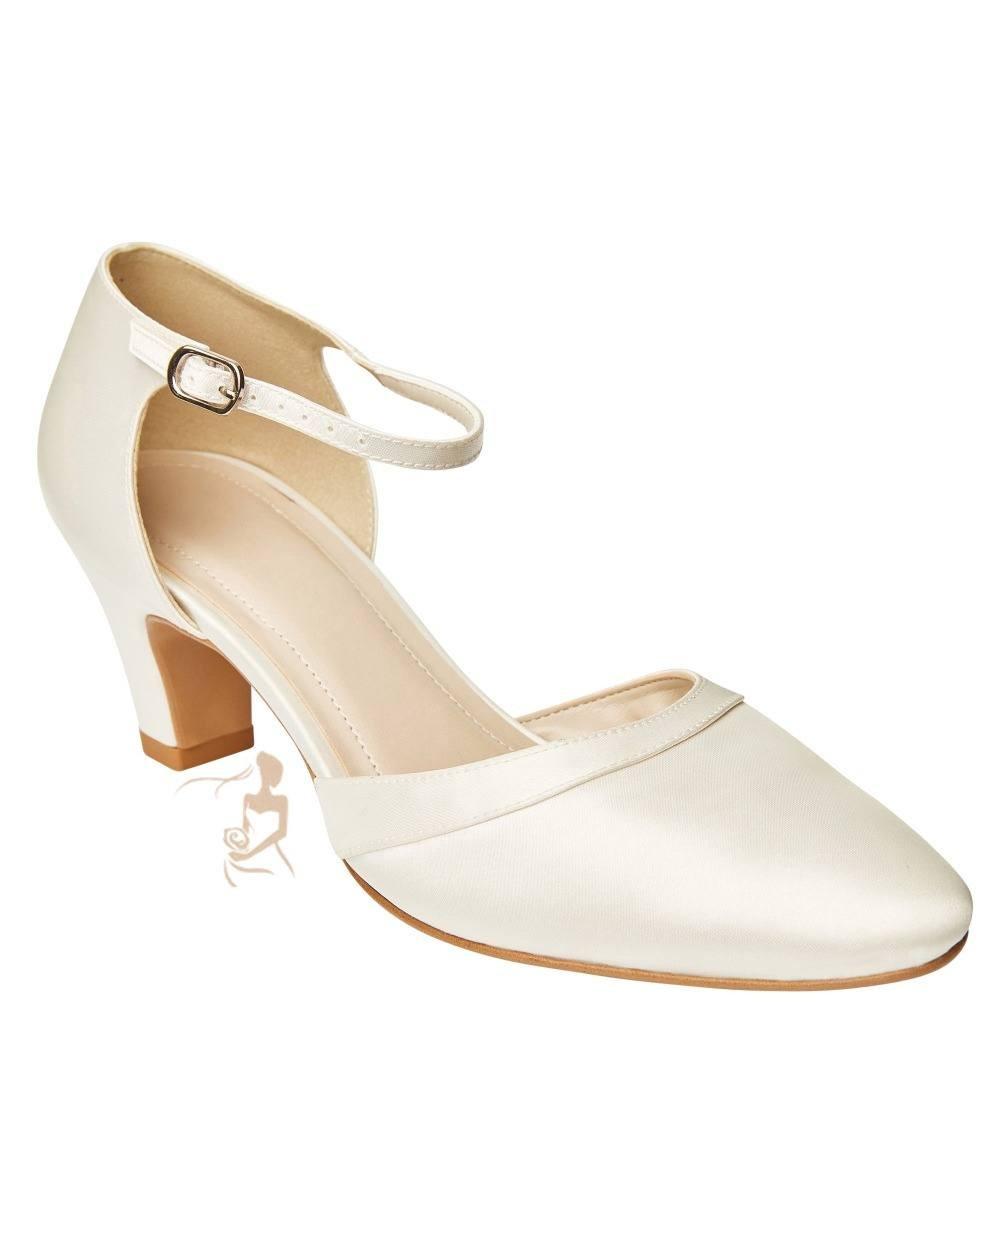 6492d8c1188 Braut Boutique - Onlineshop für Hochzeitsartikel